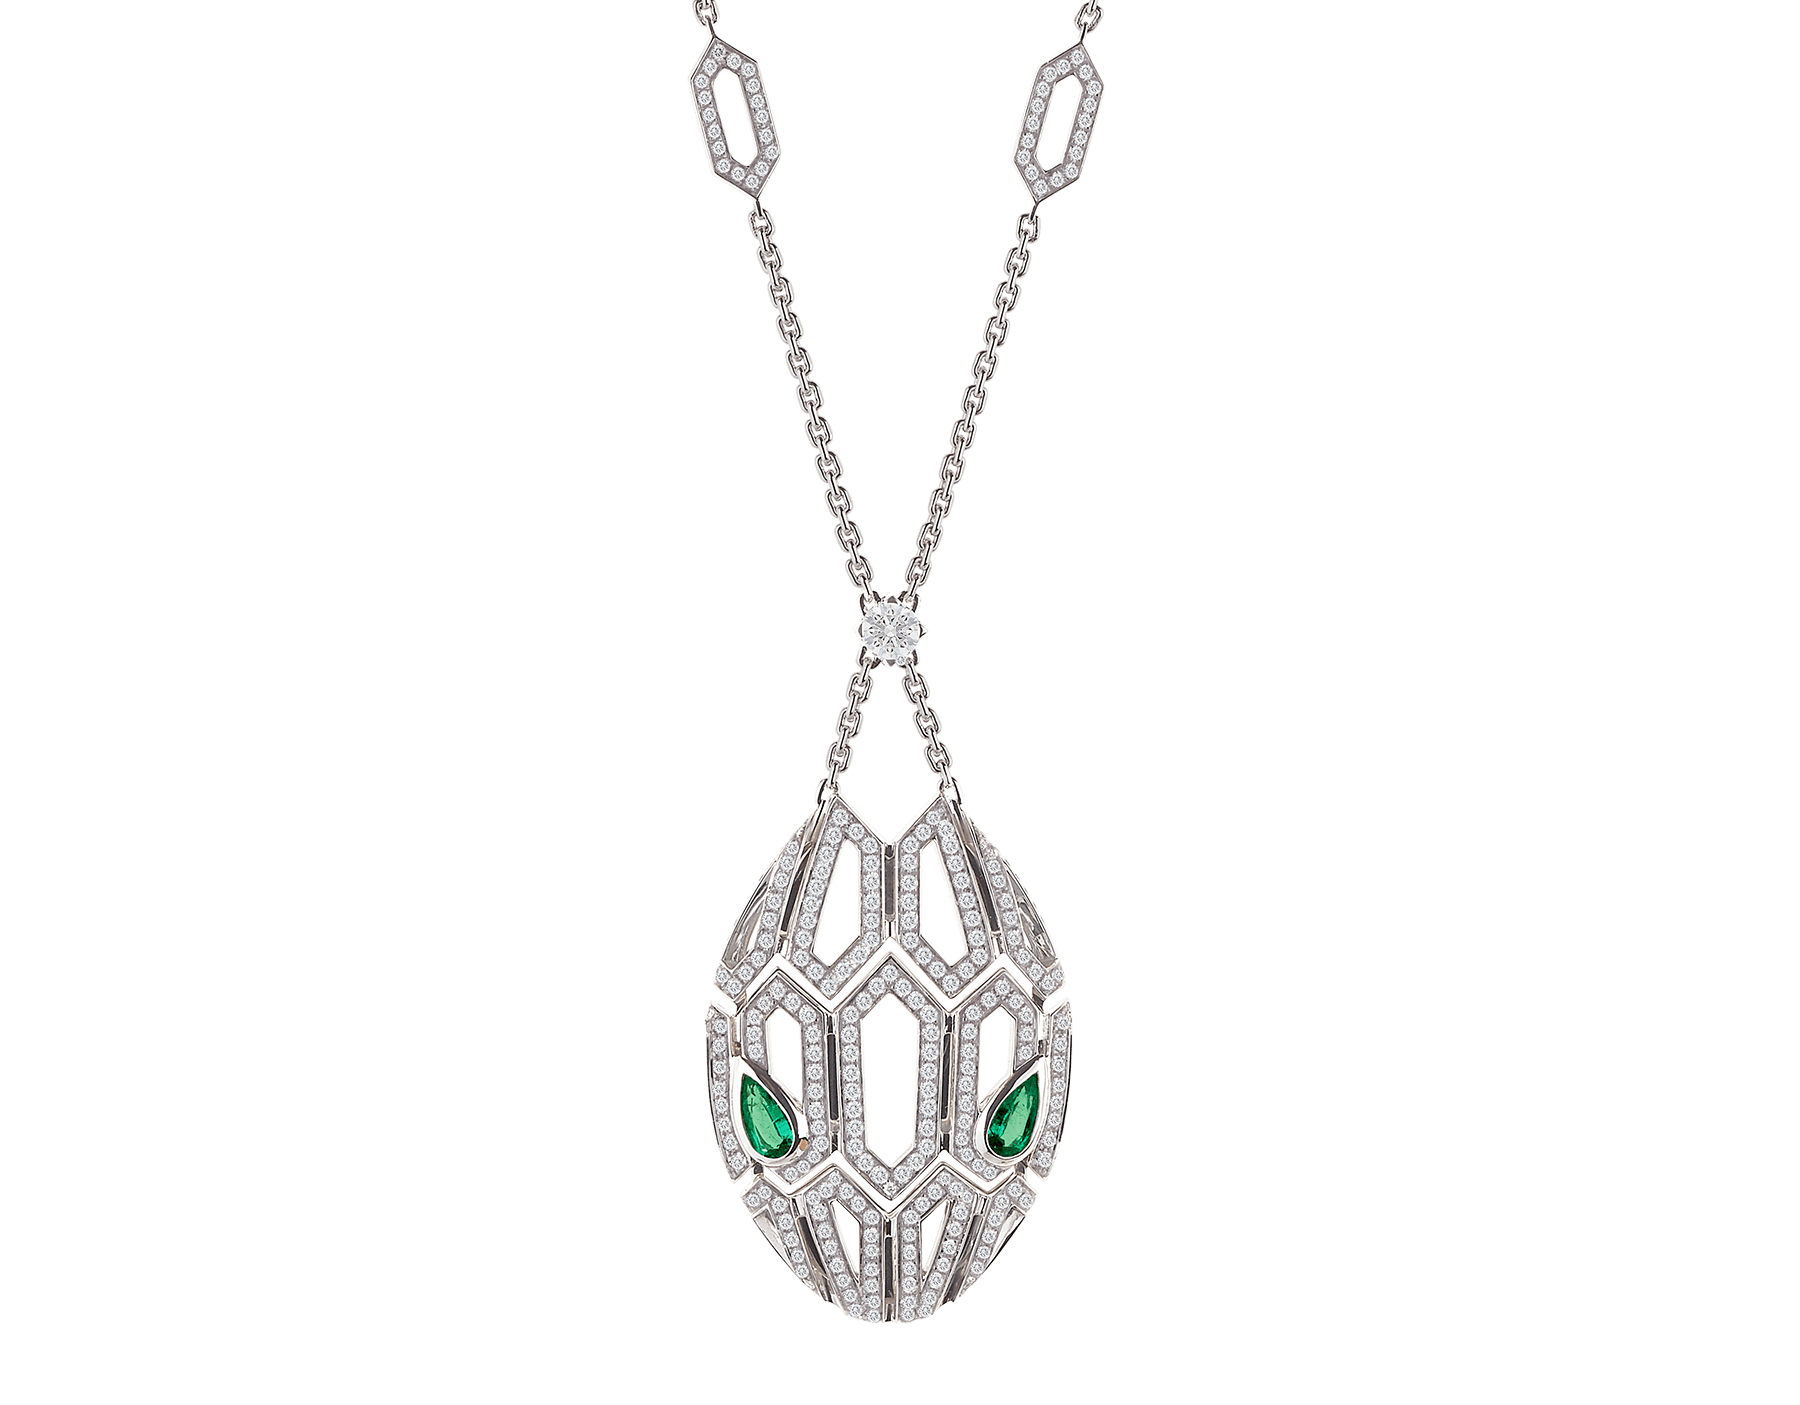 Колье Serpenti с восхитительным шестиугольным мотивом, украшенным бриллиантовым паве и напоминающим рисунок змеиной кожи, излучает страсть и завораживает магнетическим взглядом изумрудных змеиных глаз. 352752 image 1